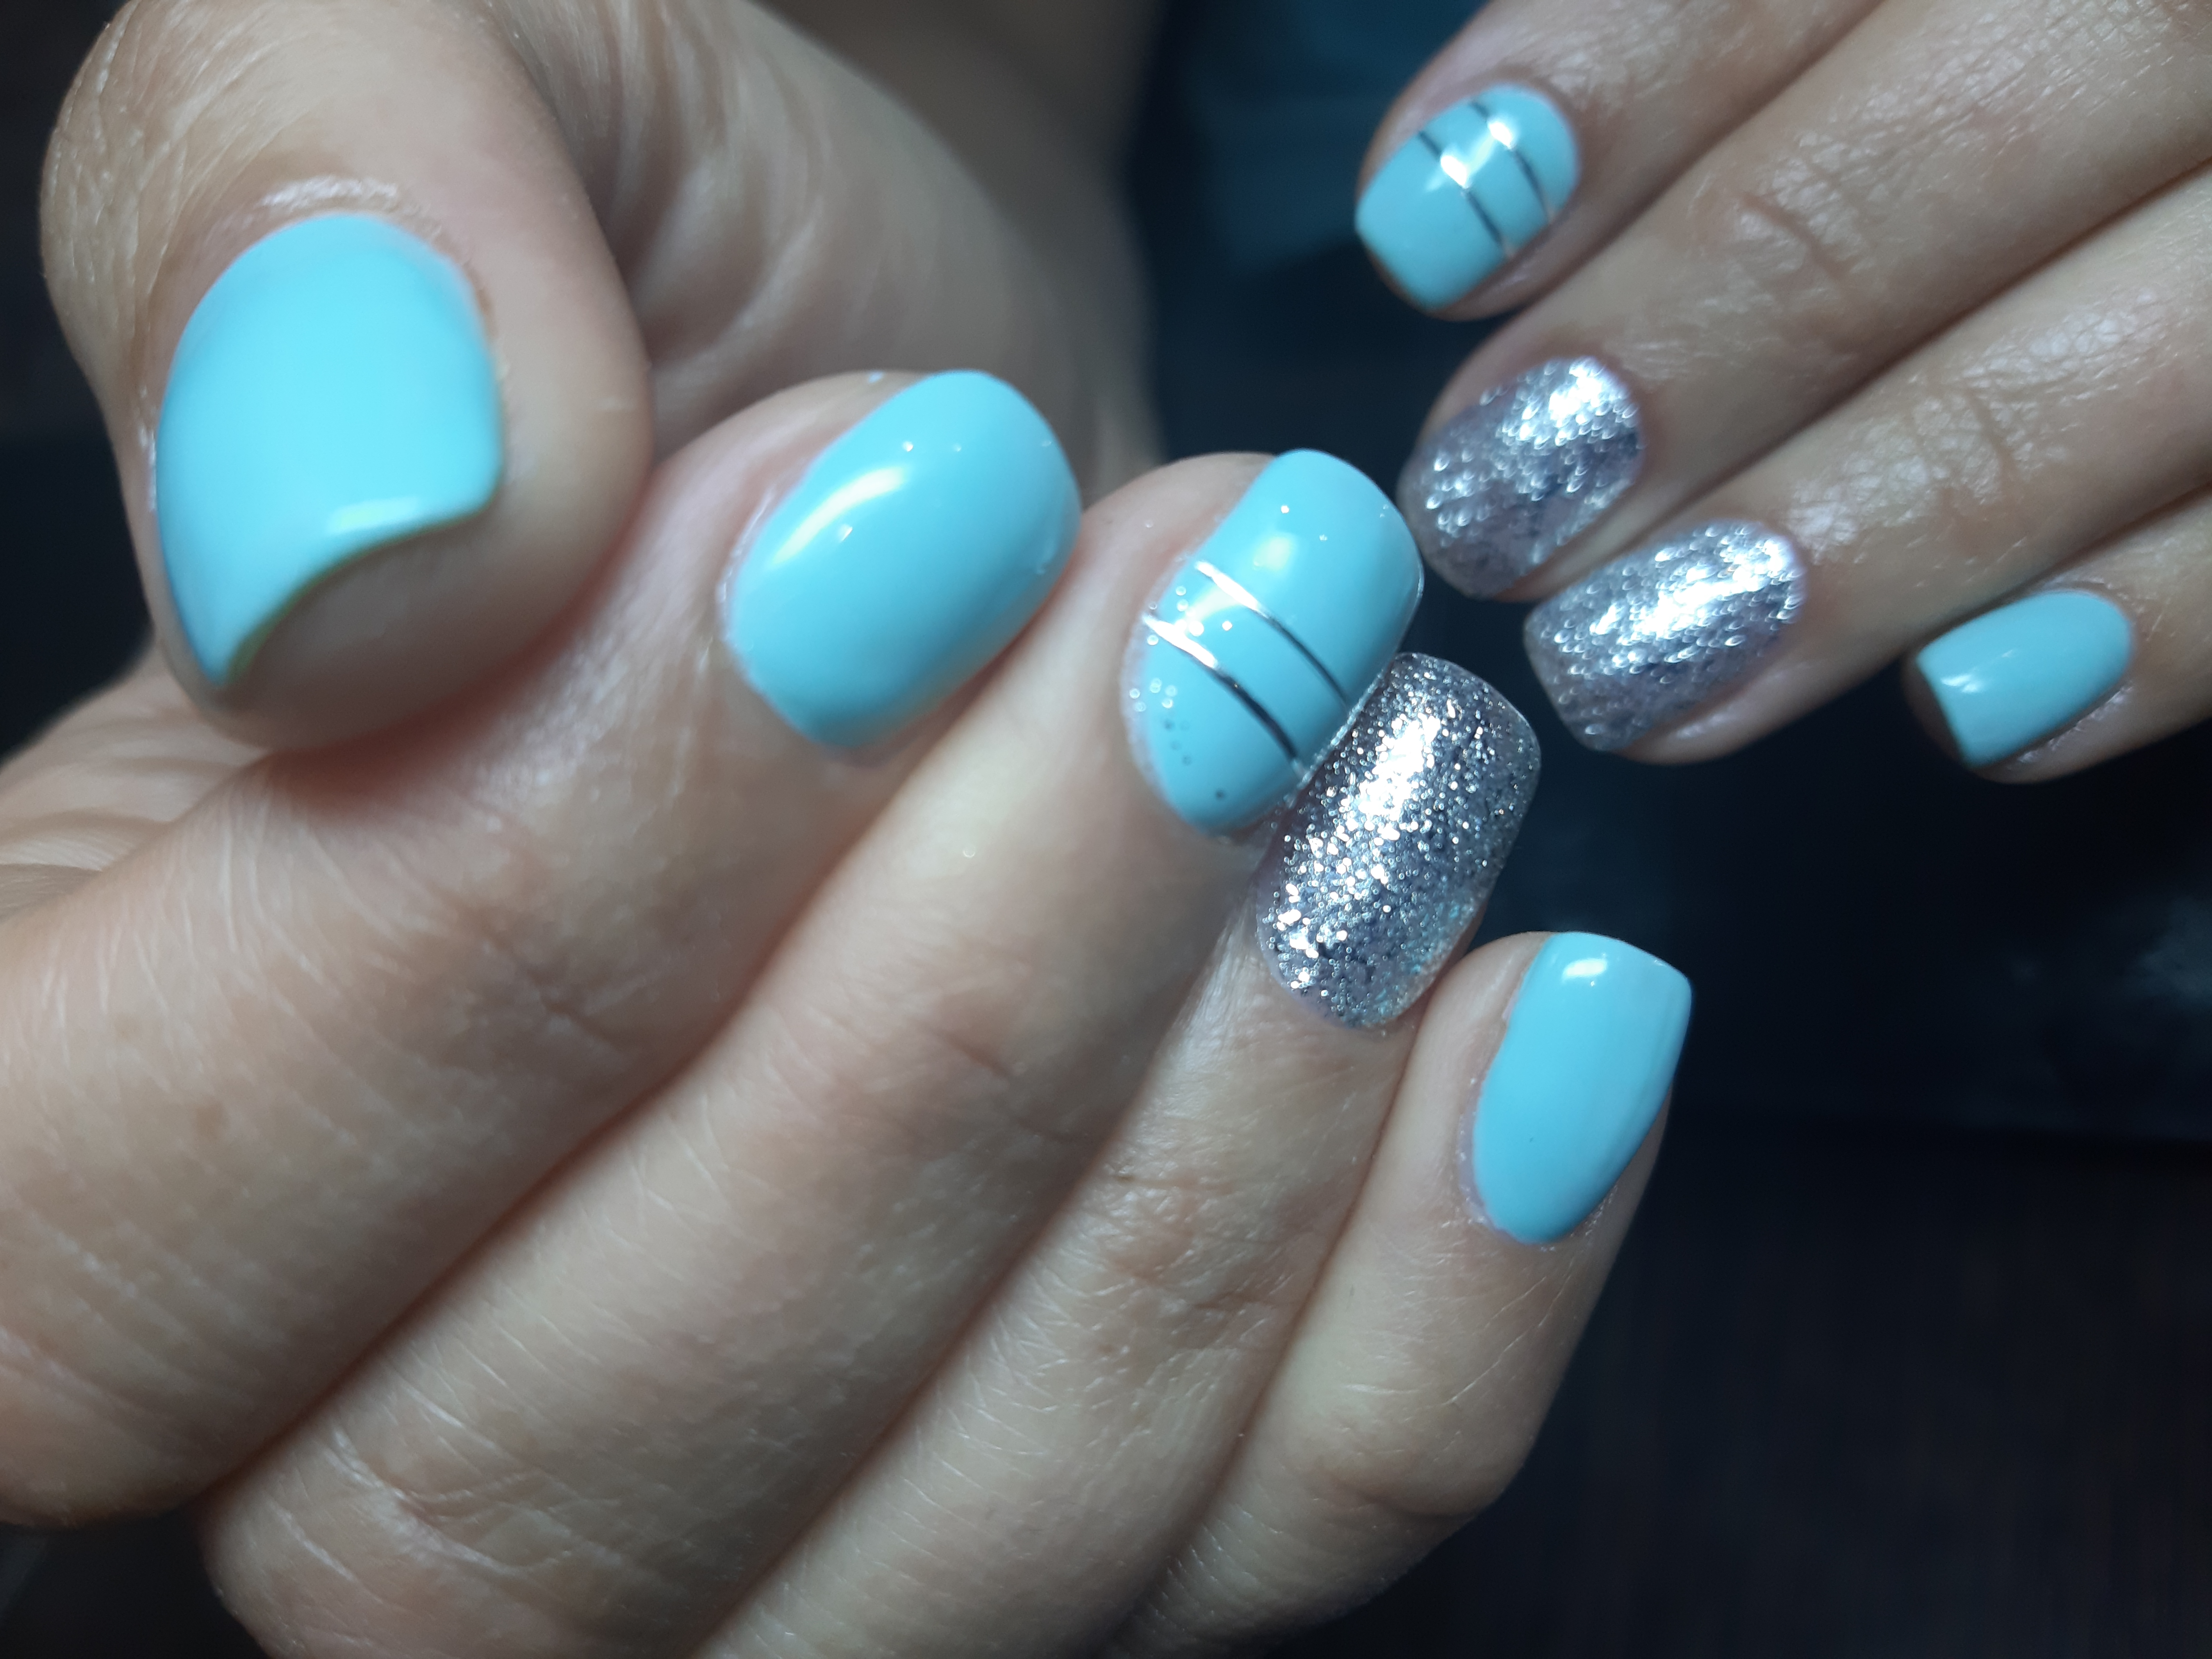 Маникюр с серебряными полосками и блестками в голубом цвете на короткие ногти.